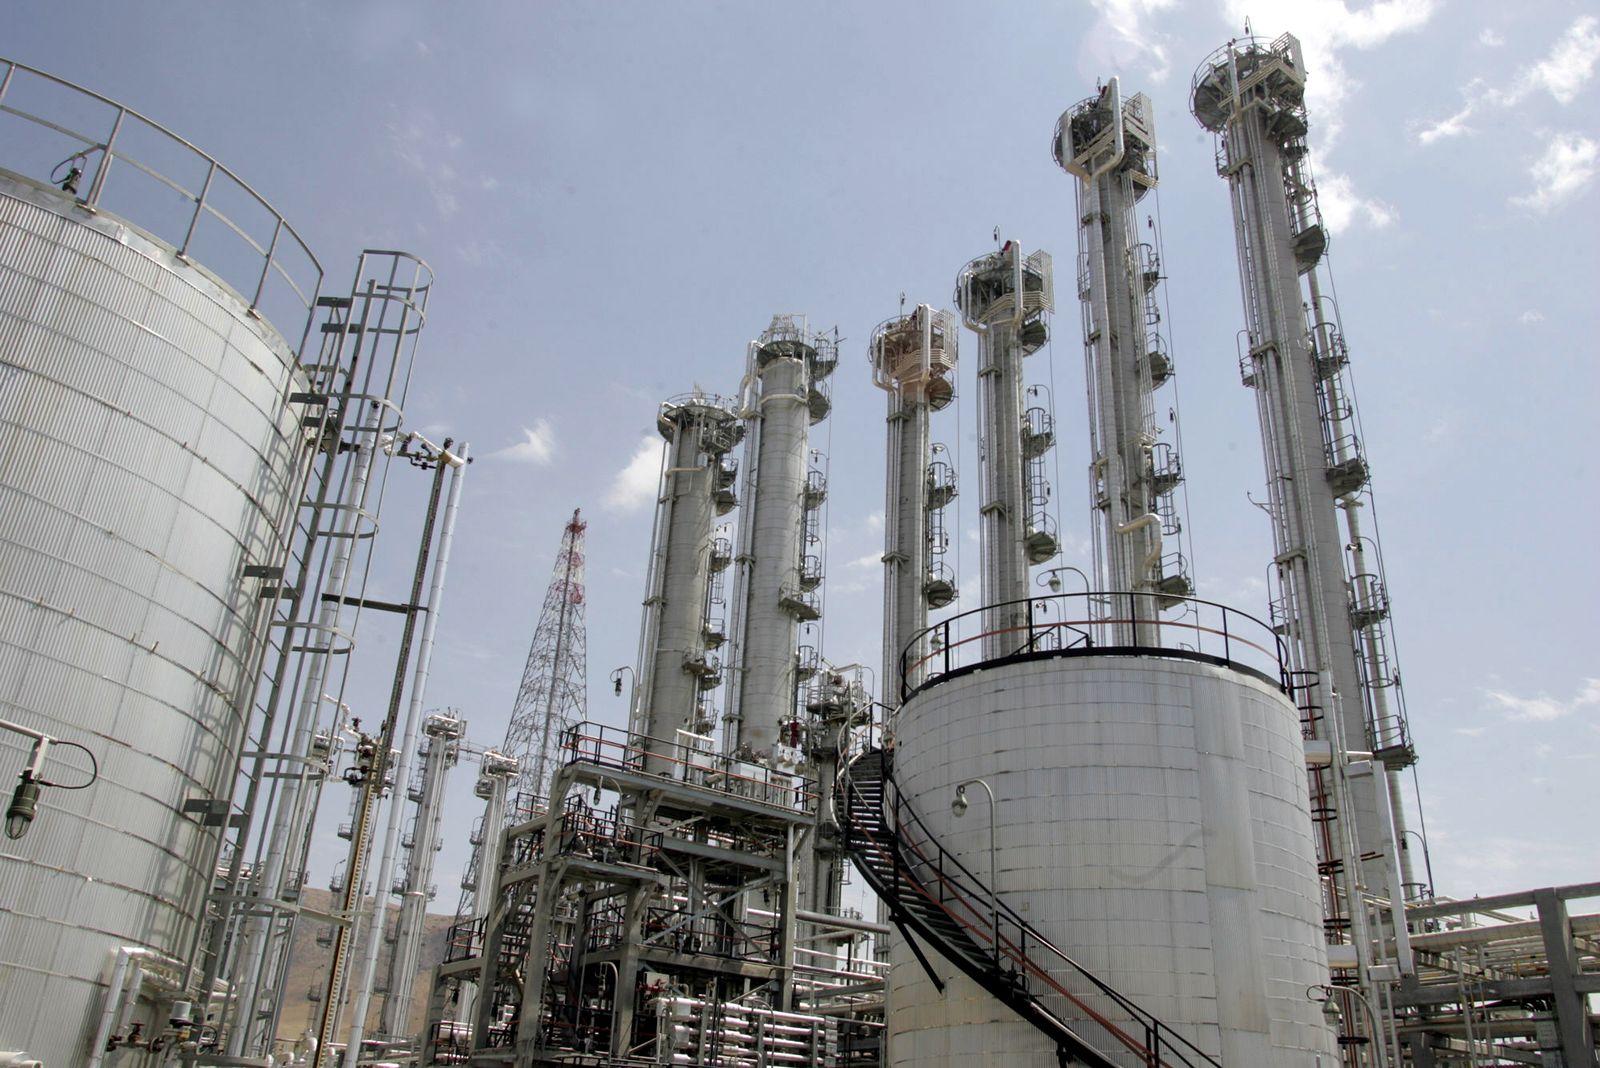 Schwerwasserreaktor Arak / Iran